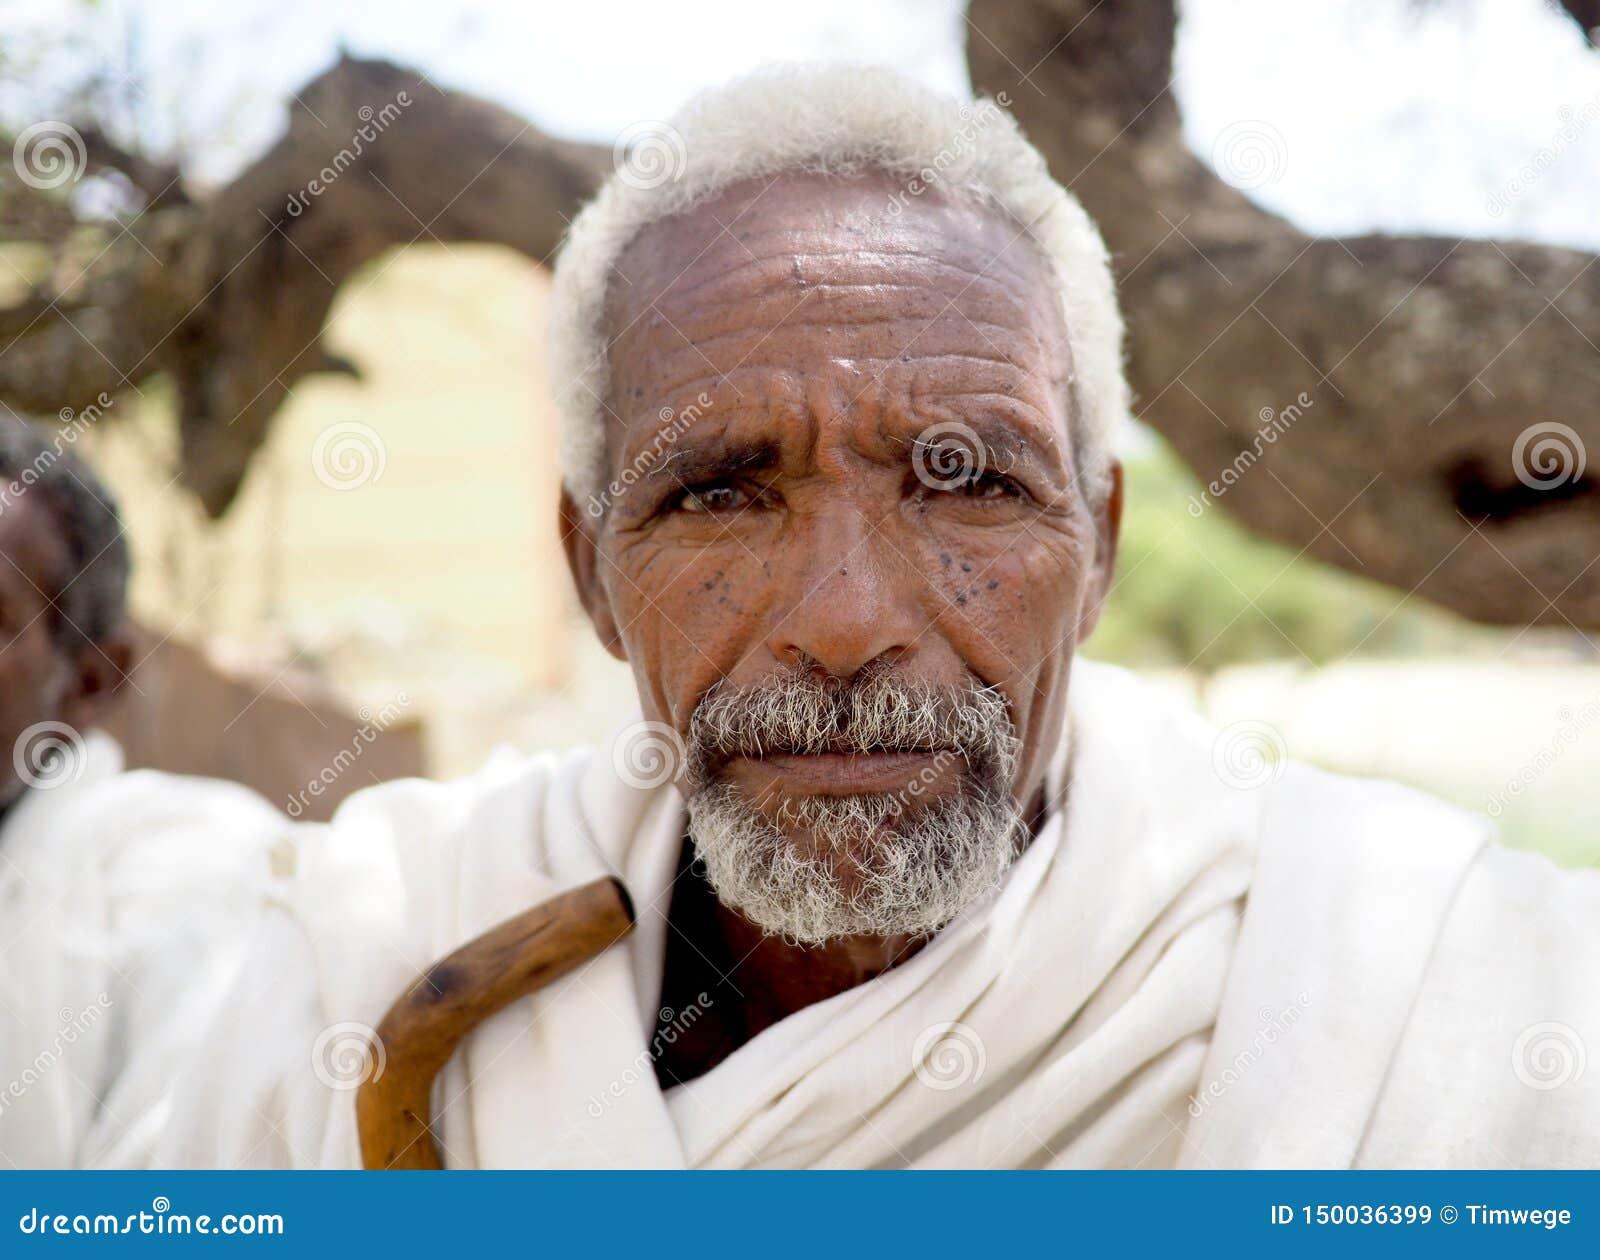 Alitena, Ethiopie - 1er juin 2019 : Le vieil homme en Ethiopie rurale, habillée dans le blanc traditionnel est monté, avec le bât